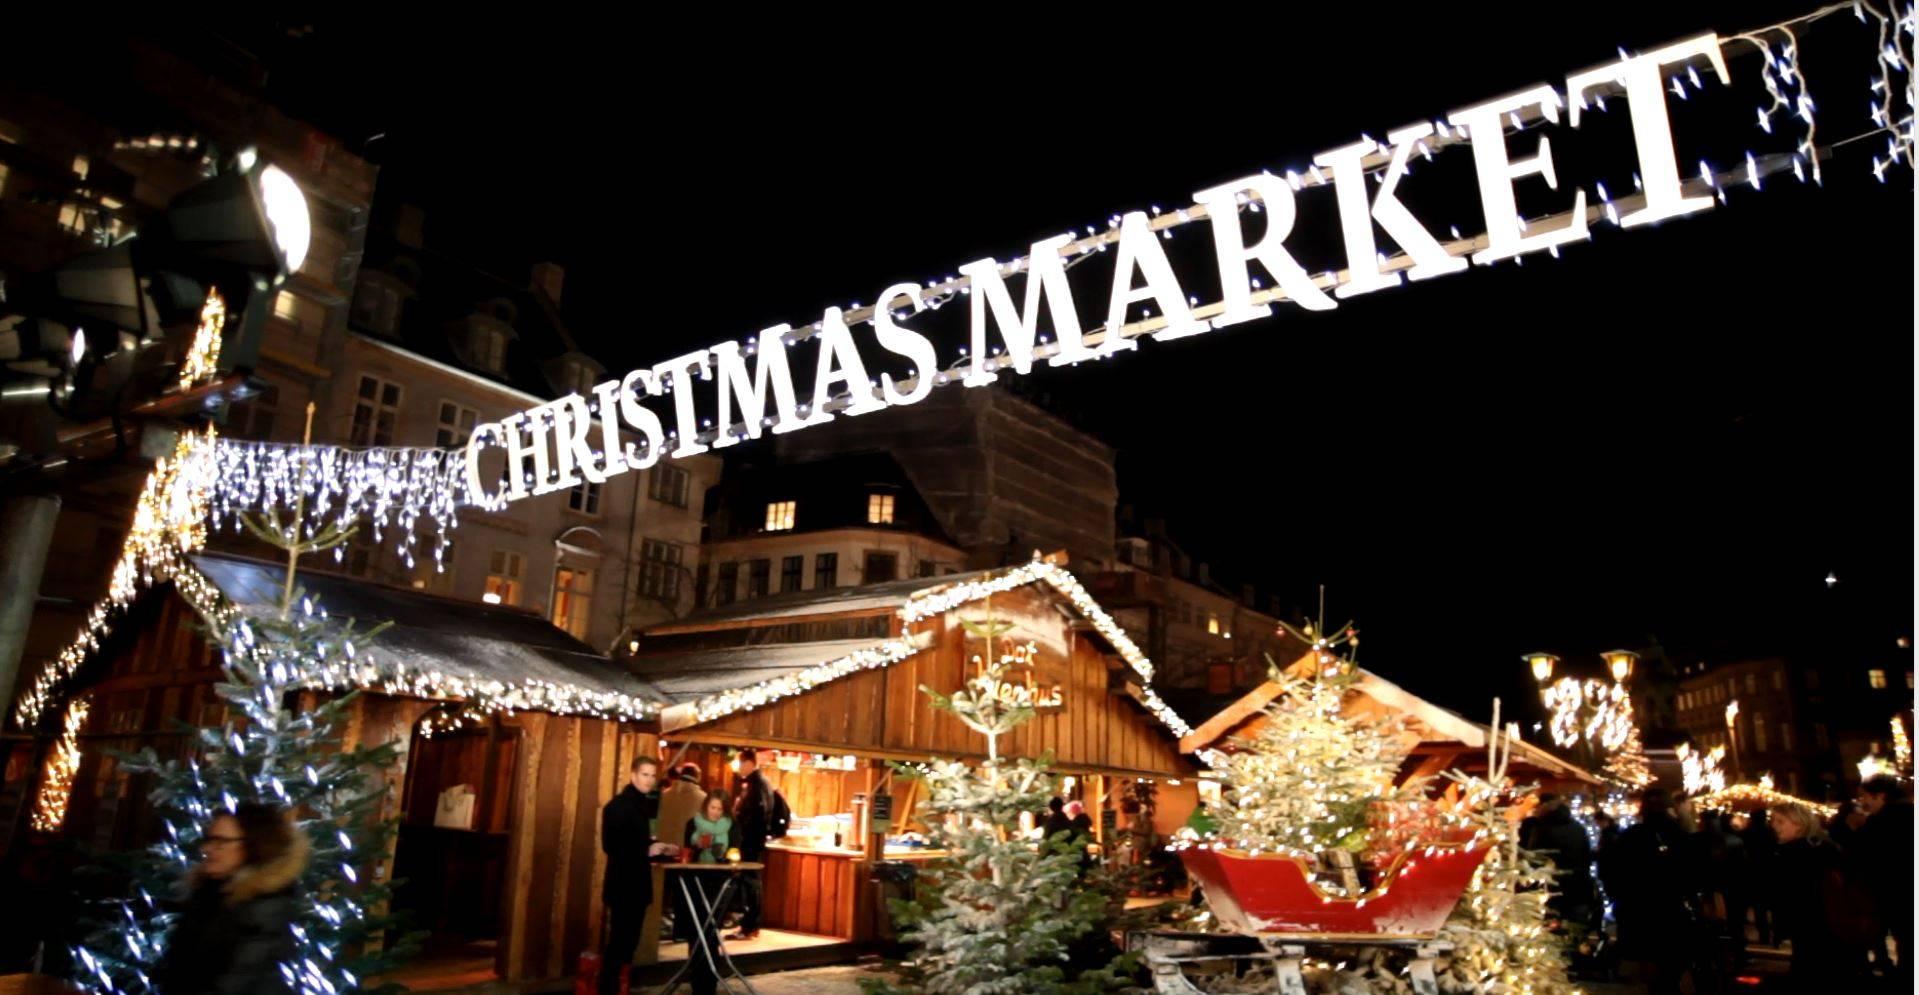 Kristkindel Market!